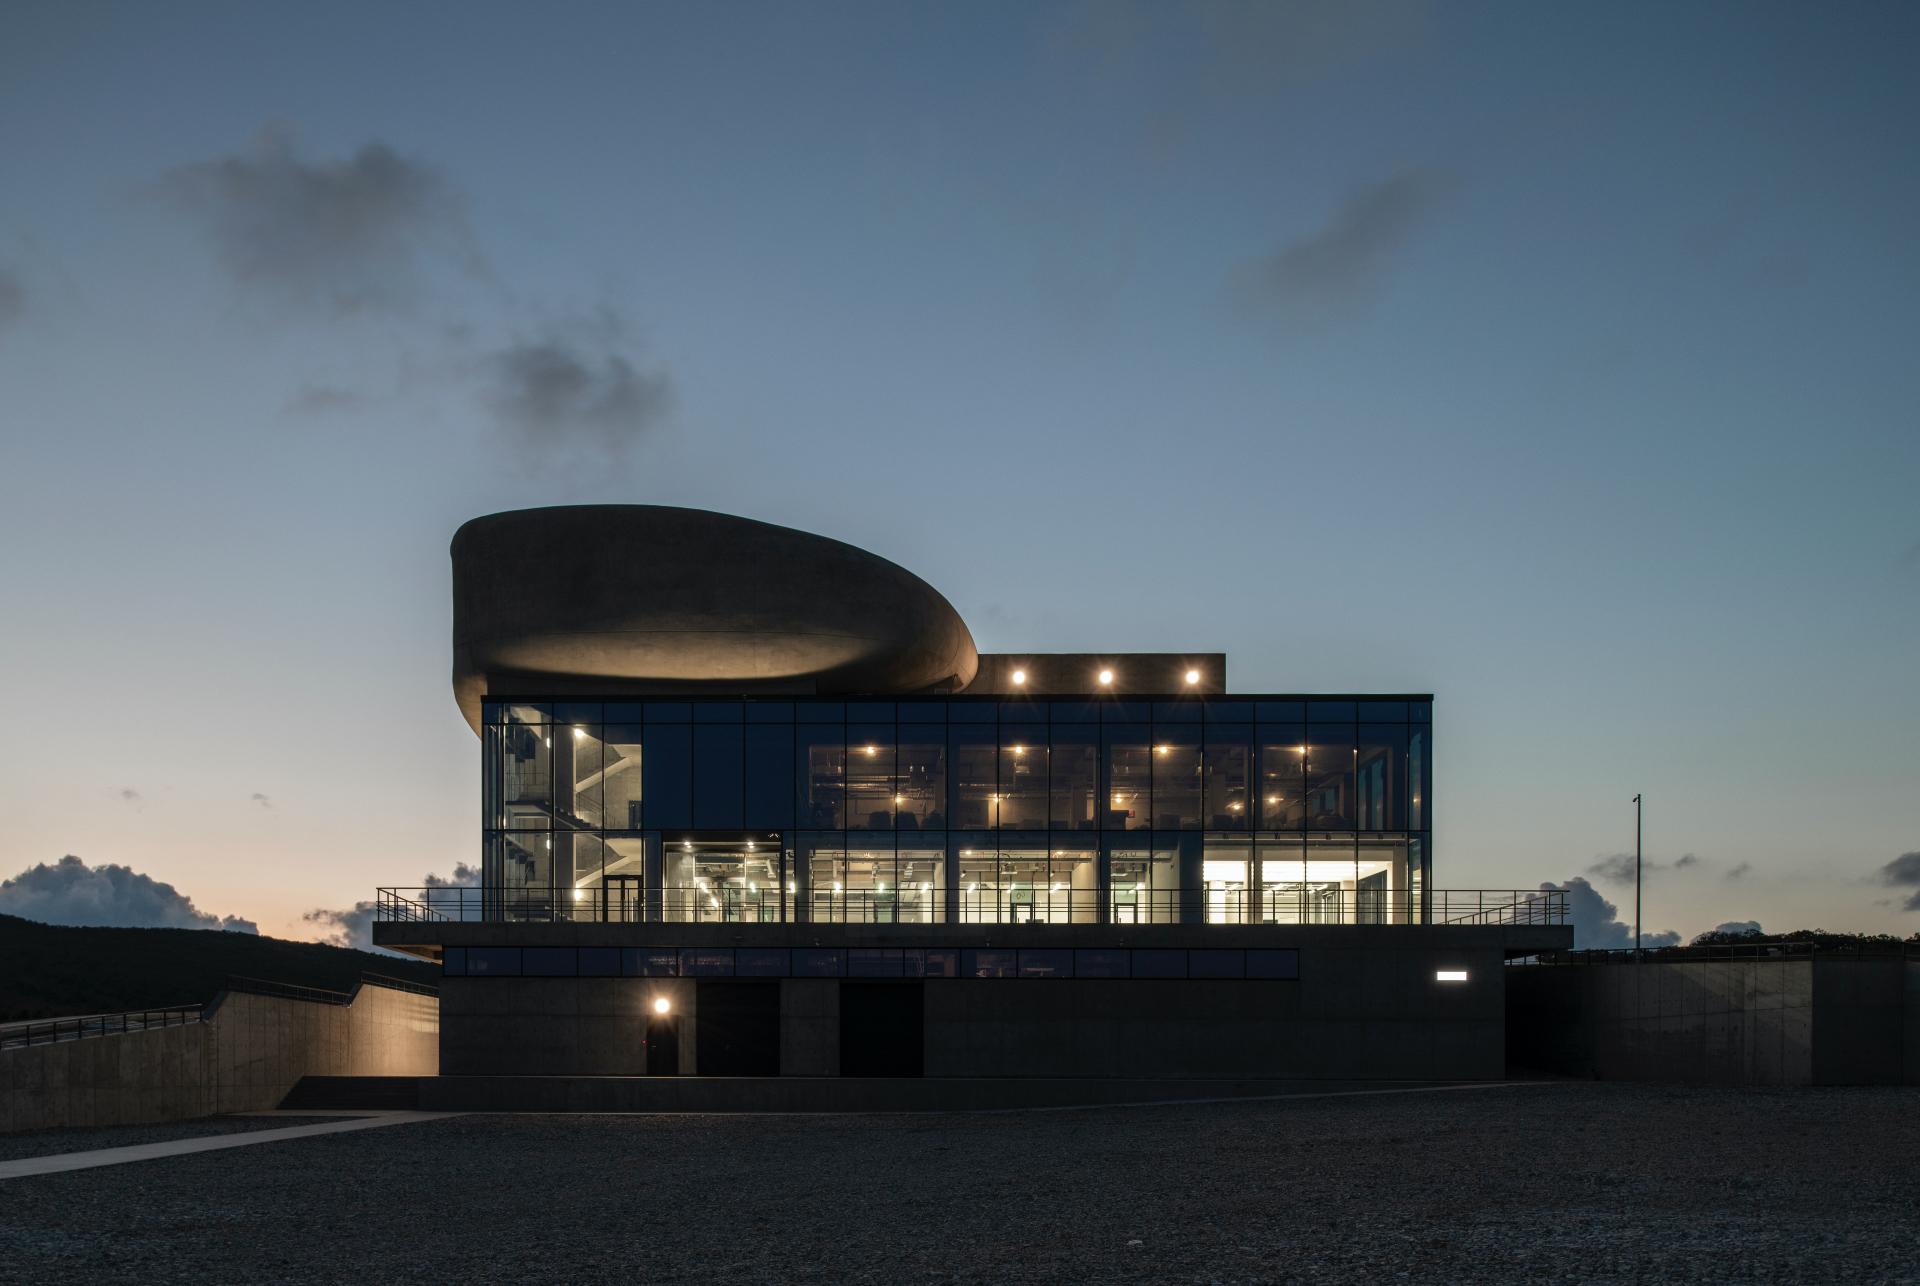 Площадь здания почти 10 тыс. кв. м.Здесь есть дегустационный зал, винотека, бар, ресторан и панорамная терраса с выходом на крышу.